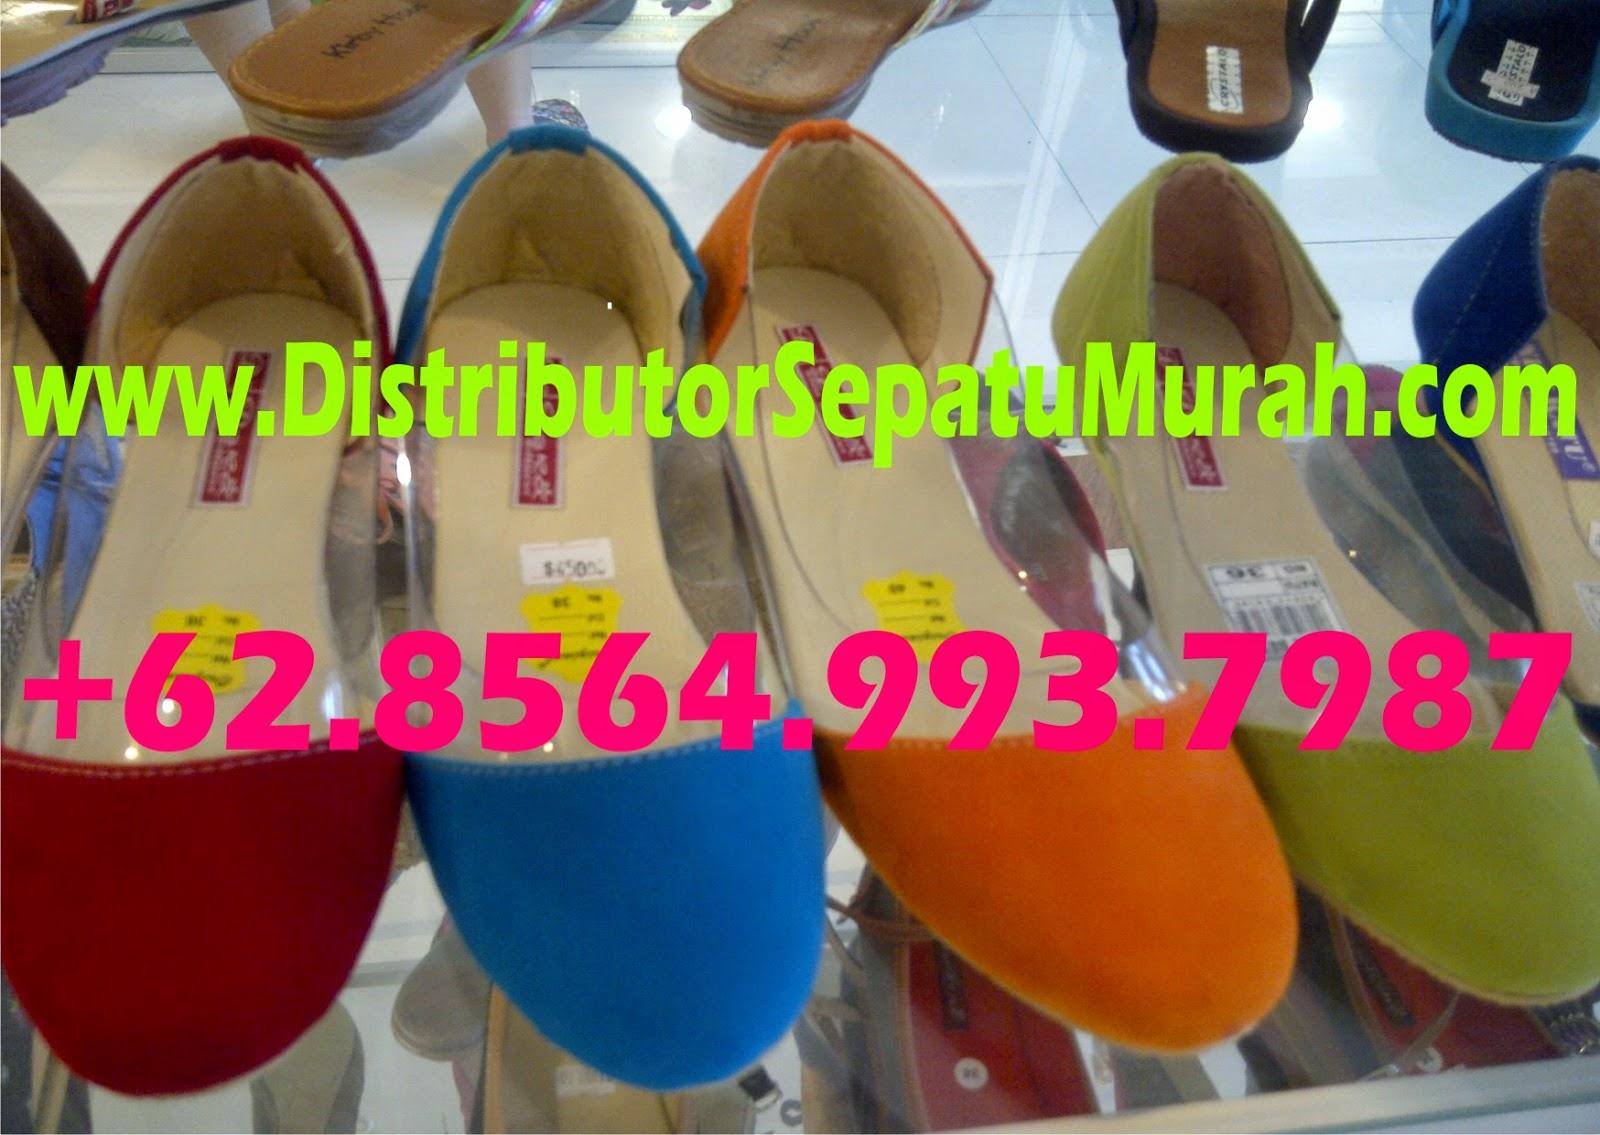 Jual Sepatu Kantor Wanita, Model Sepatu Kantor, Sepatu Kantor Untuk Wanita, www.distributorsepatumurah.com